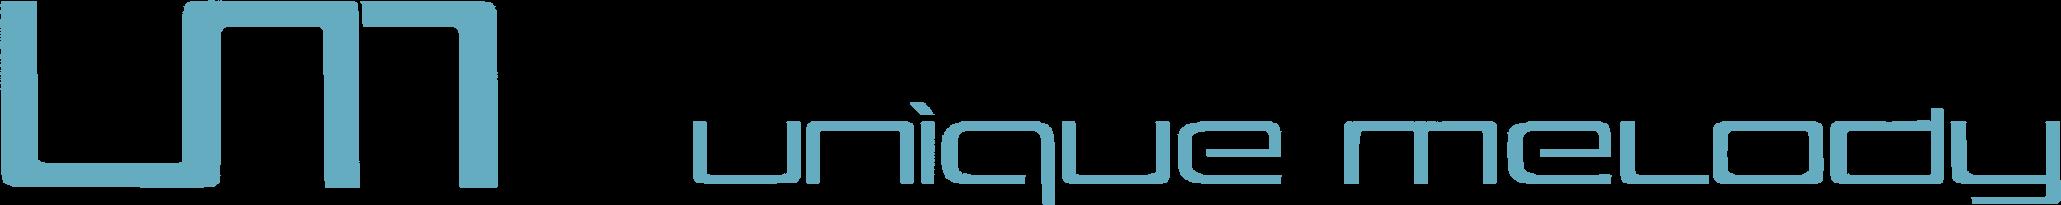 Unique Melody logo